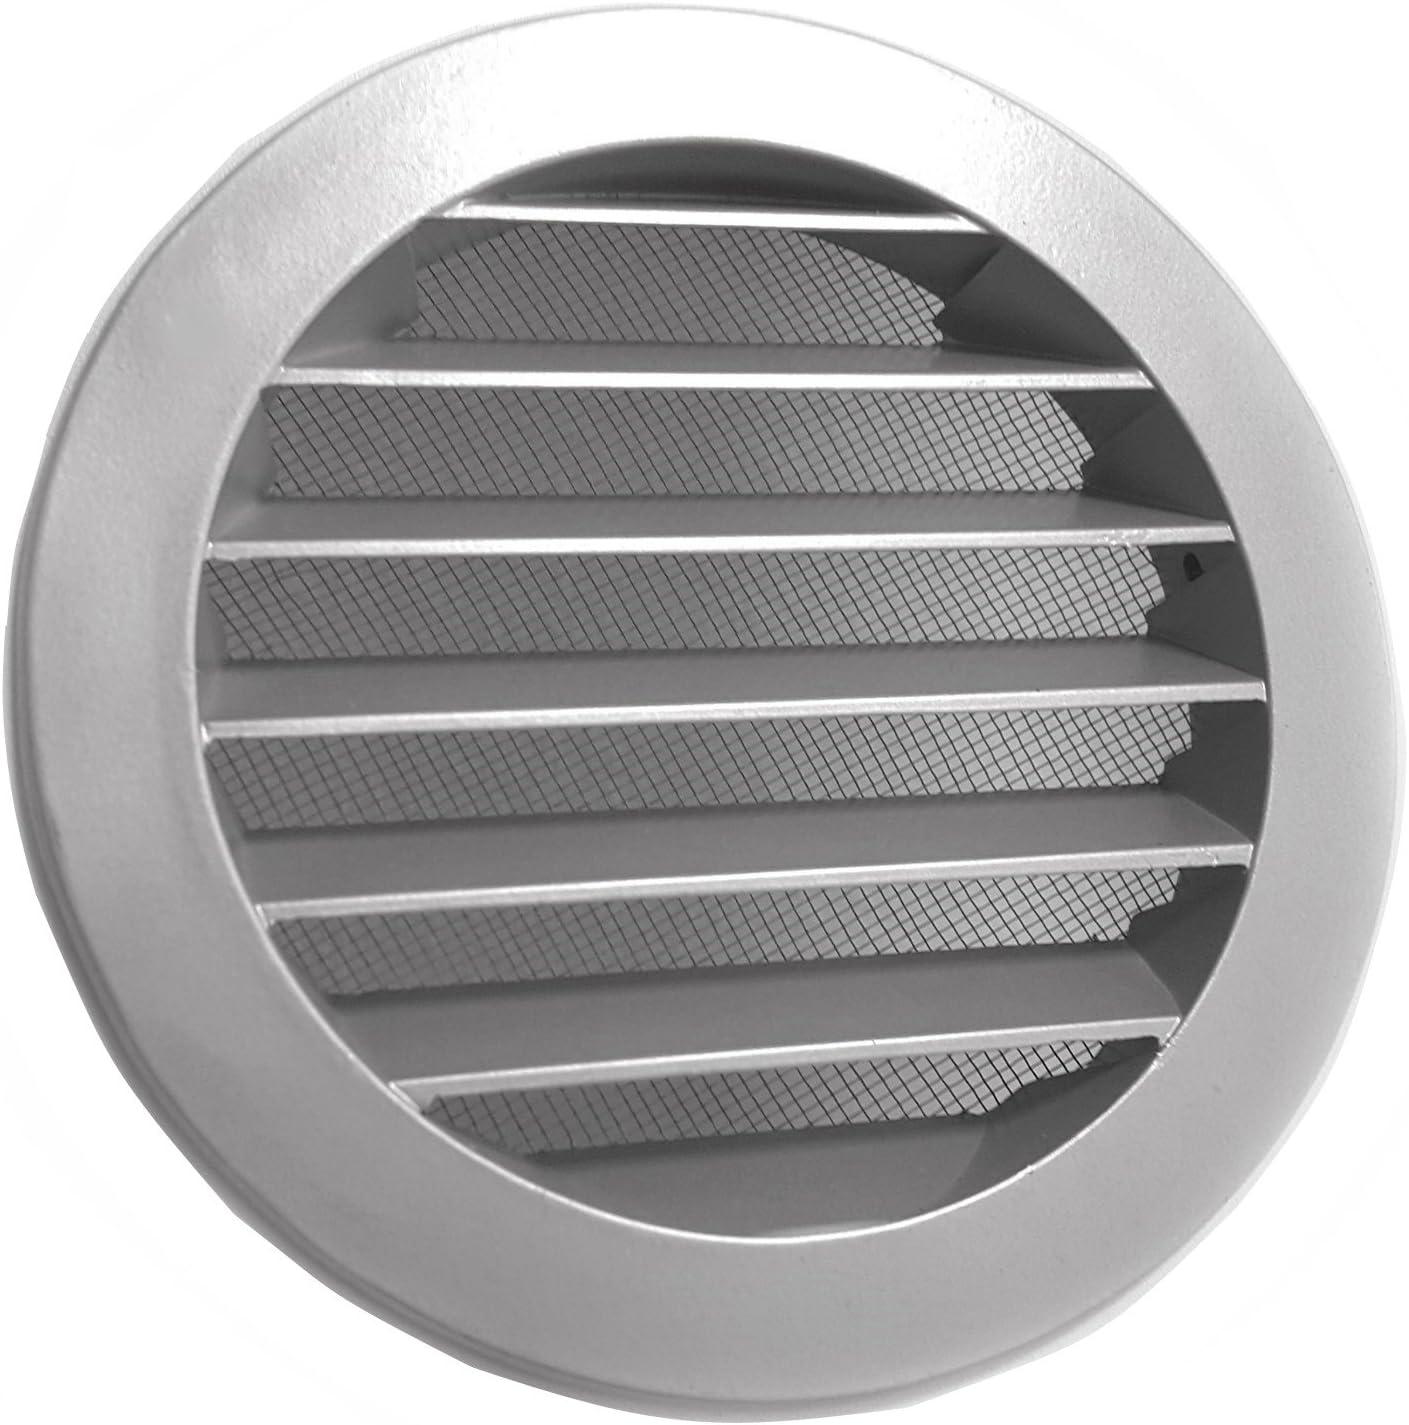 Rejilla de aireaci/ón color negro y gris DN: 100, 125, 150/160/200, aluminio con mosquitera Gris